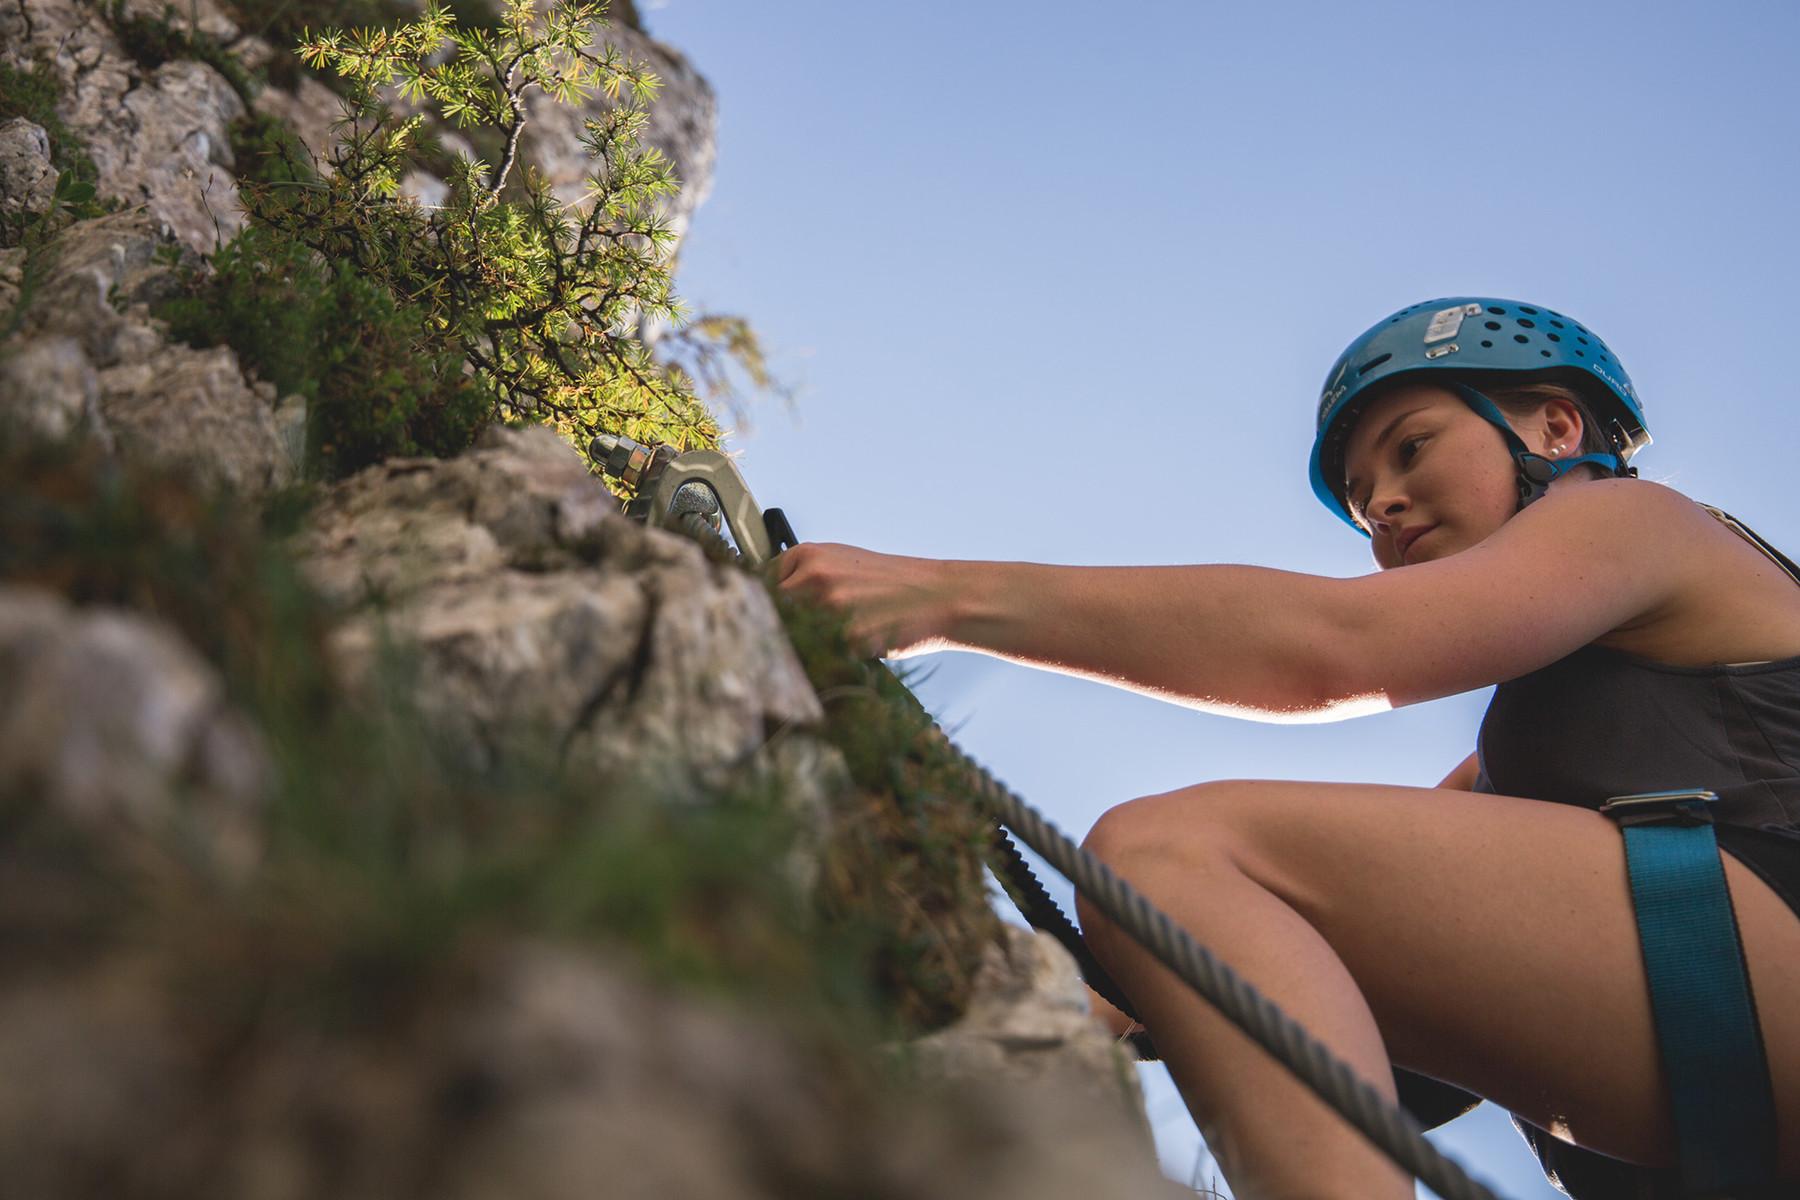 Klettersteig Set Leihen Berchtesgaden : Klettersteigausrüstungs kletterset verleih berchtesgaden